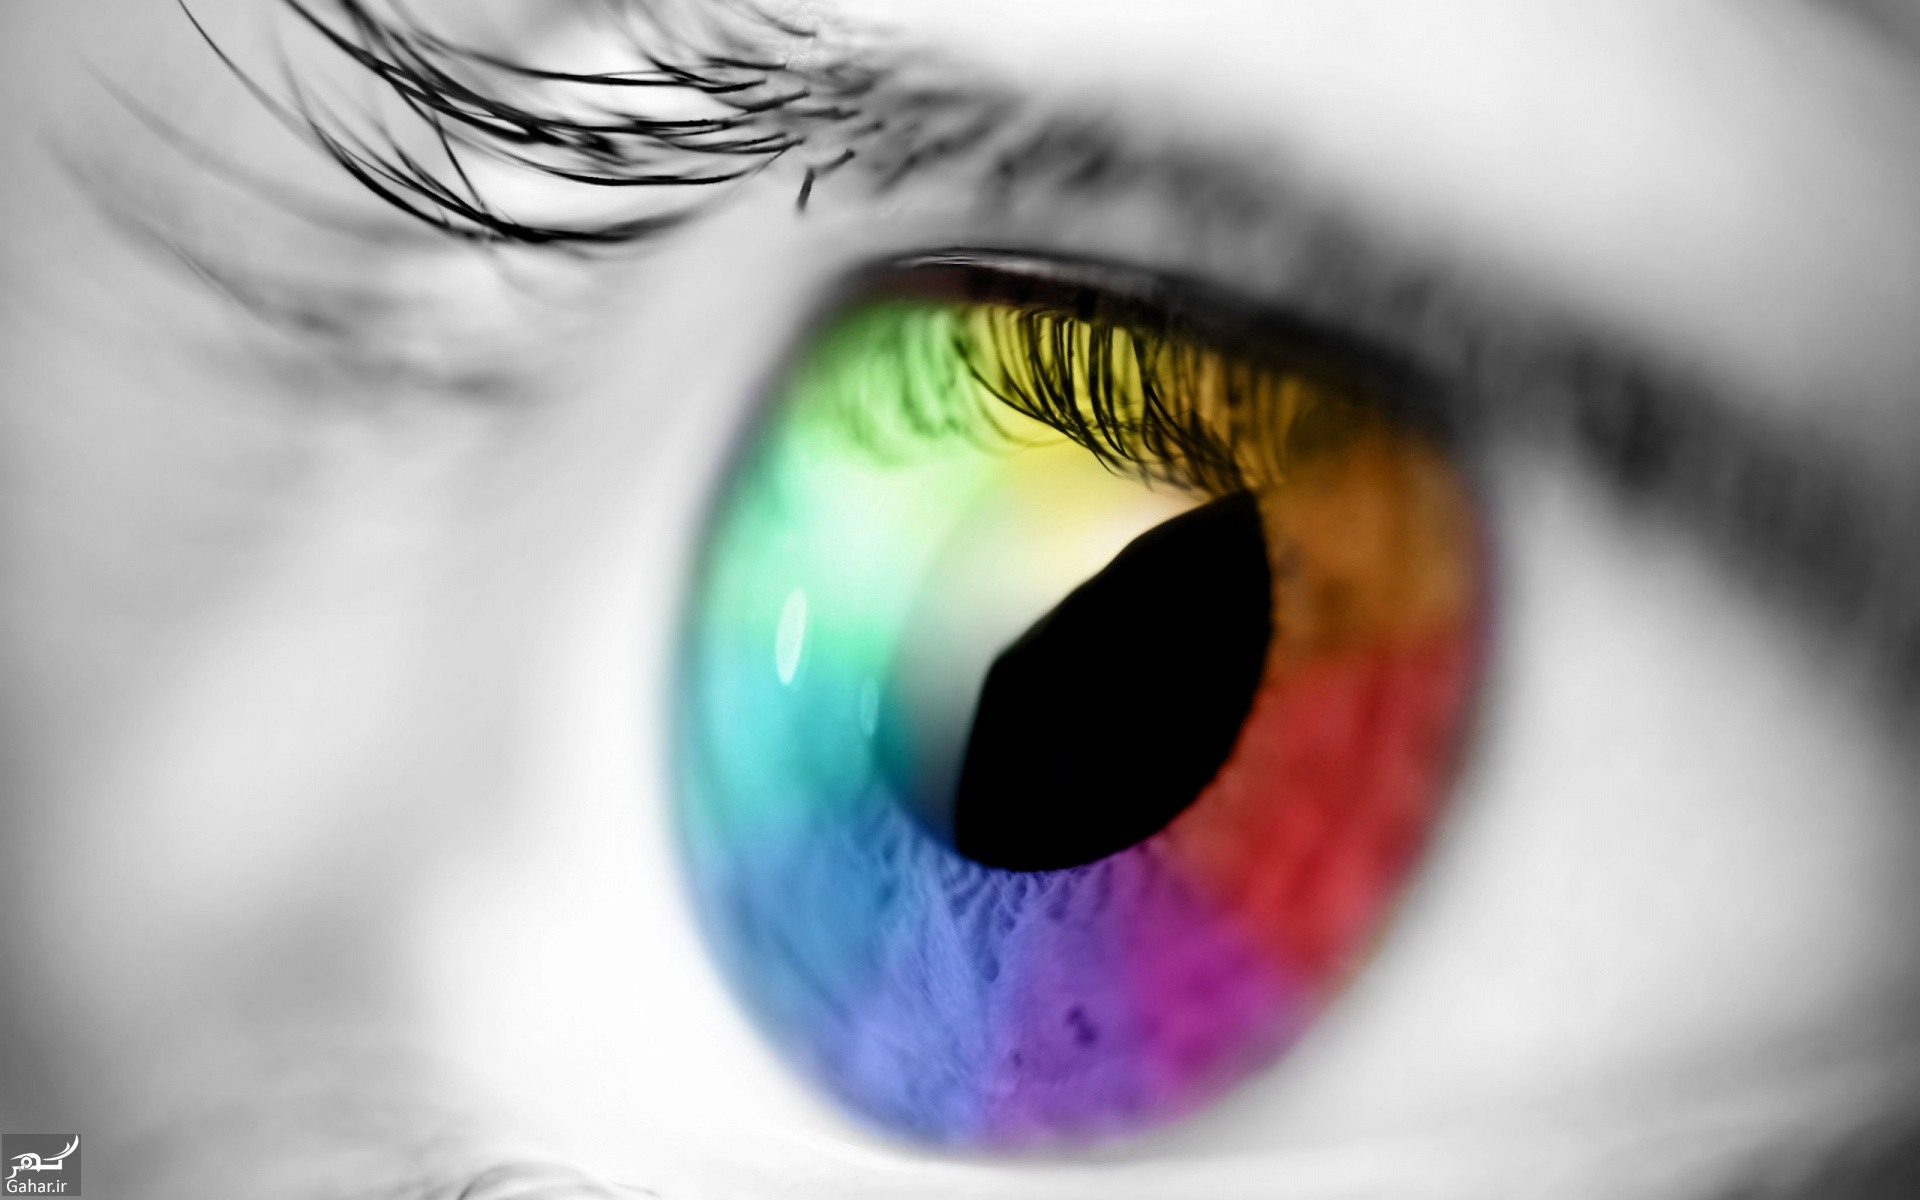 تغییر رنگ چشم با رژیم غذایی واقعیت دارد؟, جدید 99 -گهر